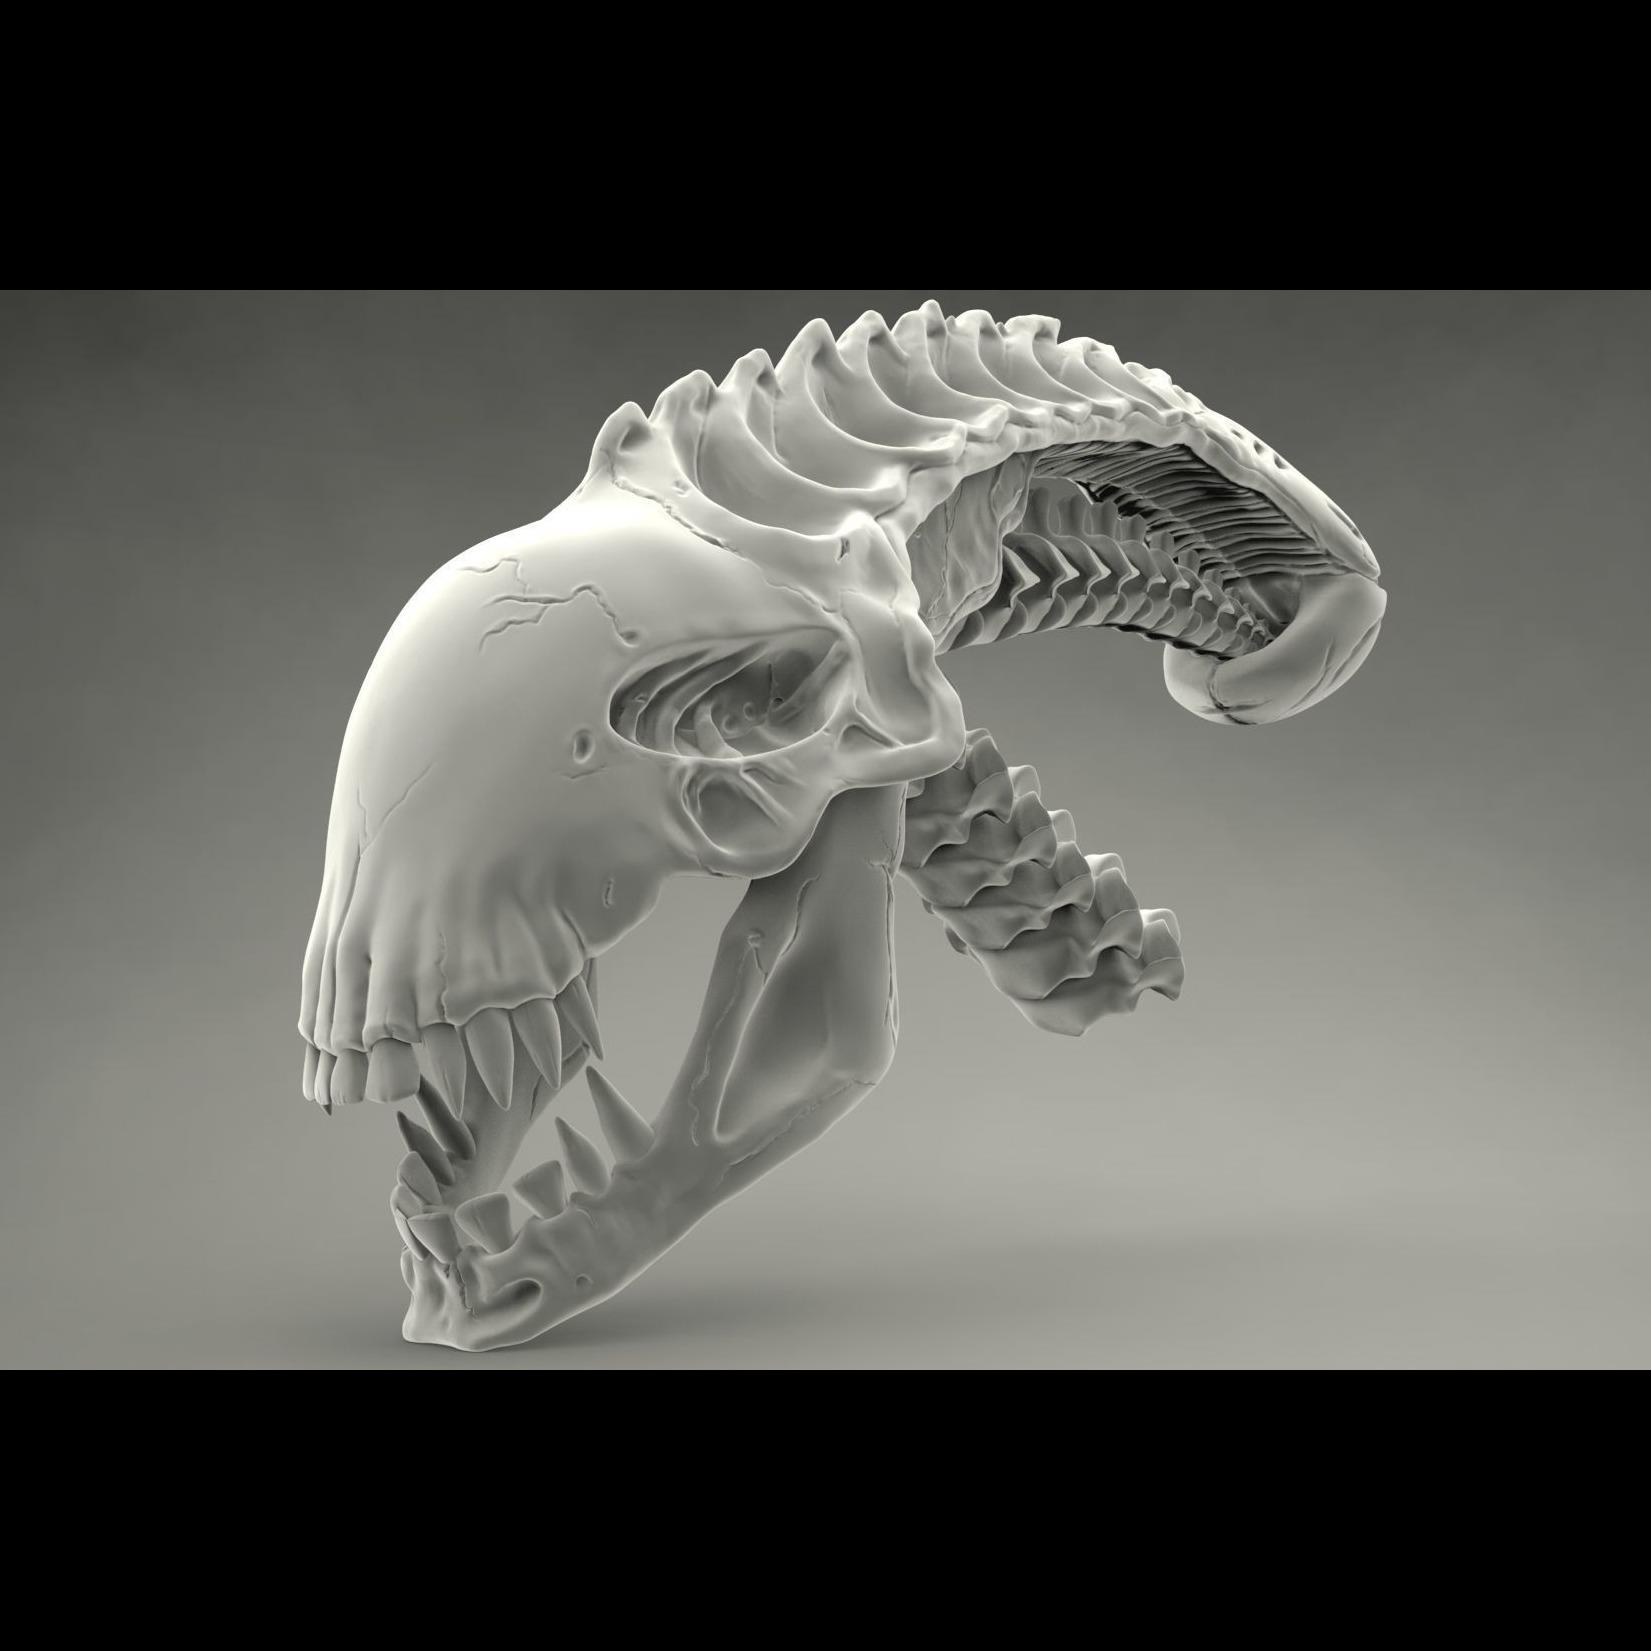 异形头骨 Alien Skull